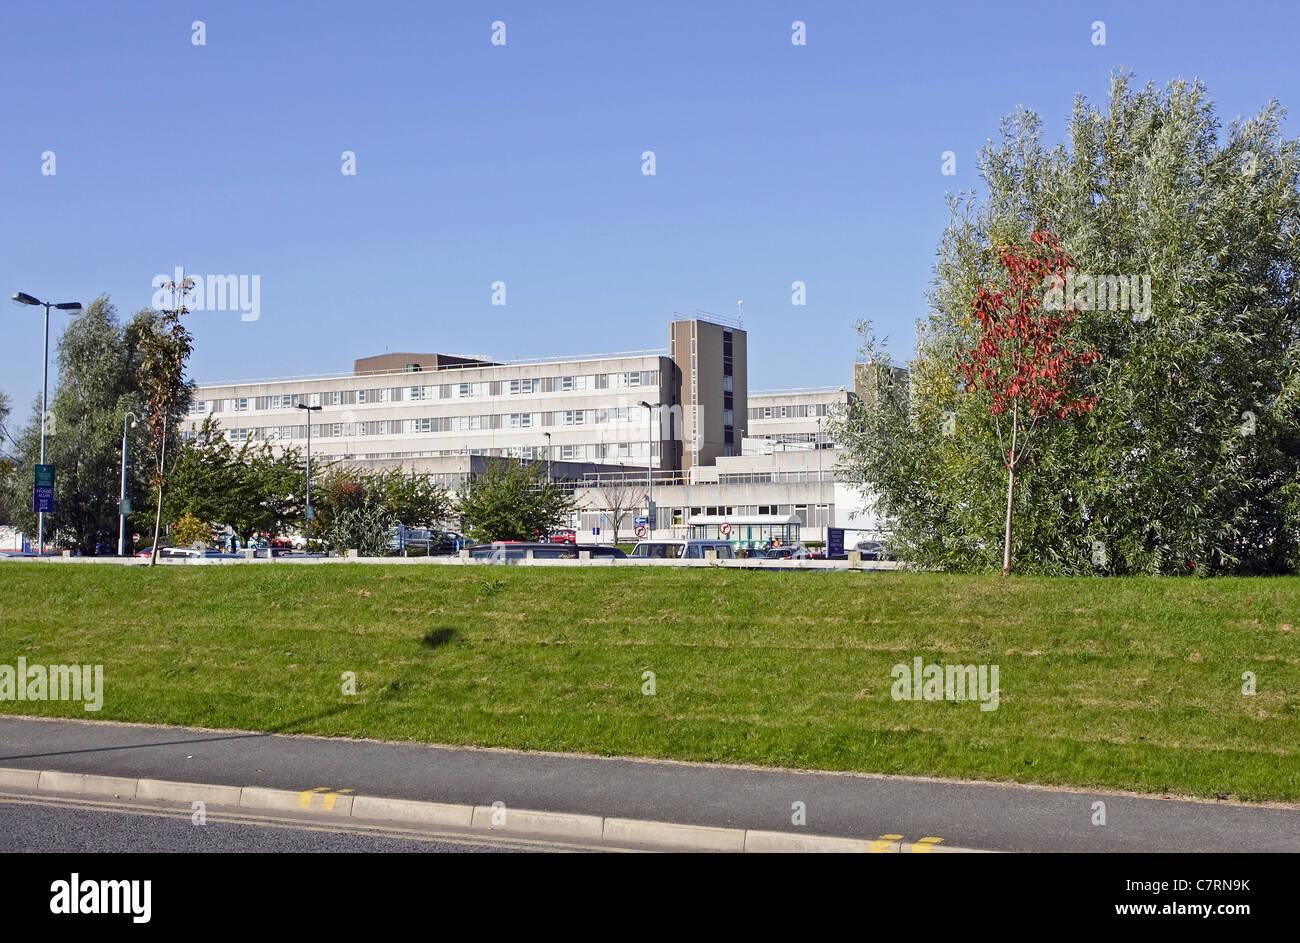 Glan Clwyd District General Hospital, Bodelwyddan, North Wales. - Stock Image